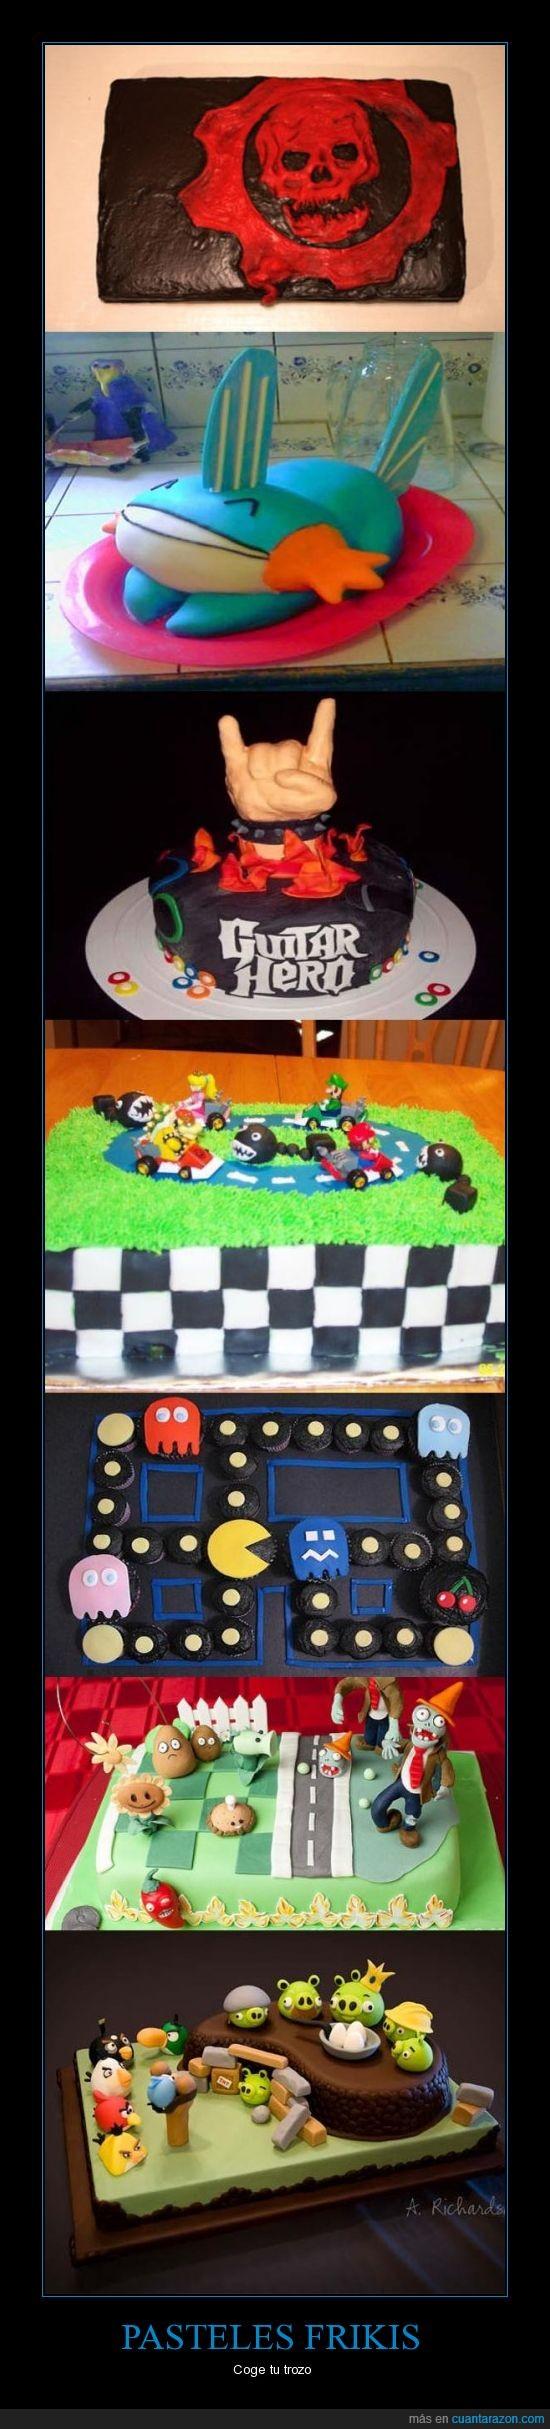 Angry Birds,friki,gears of wars,guitar hero,mario,pacman,pasteles,pokemon,videojuegos,zombies vs plantas